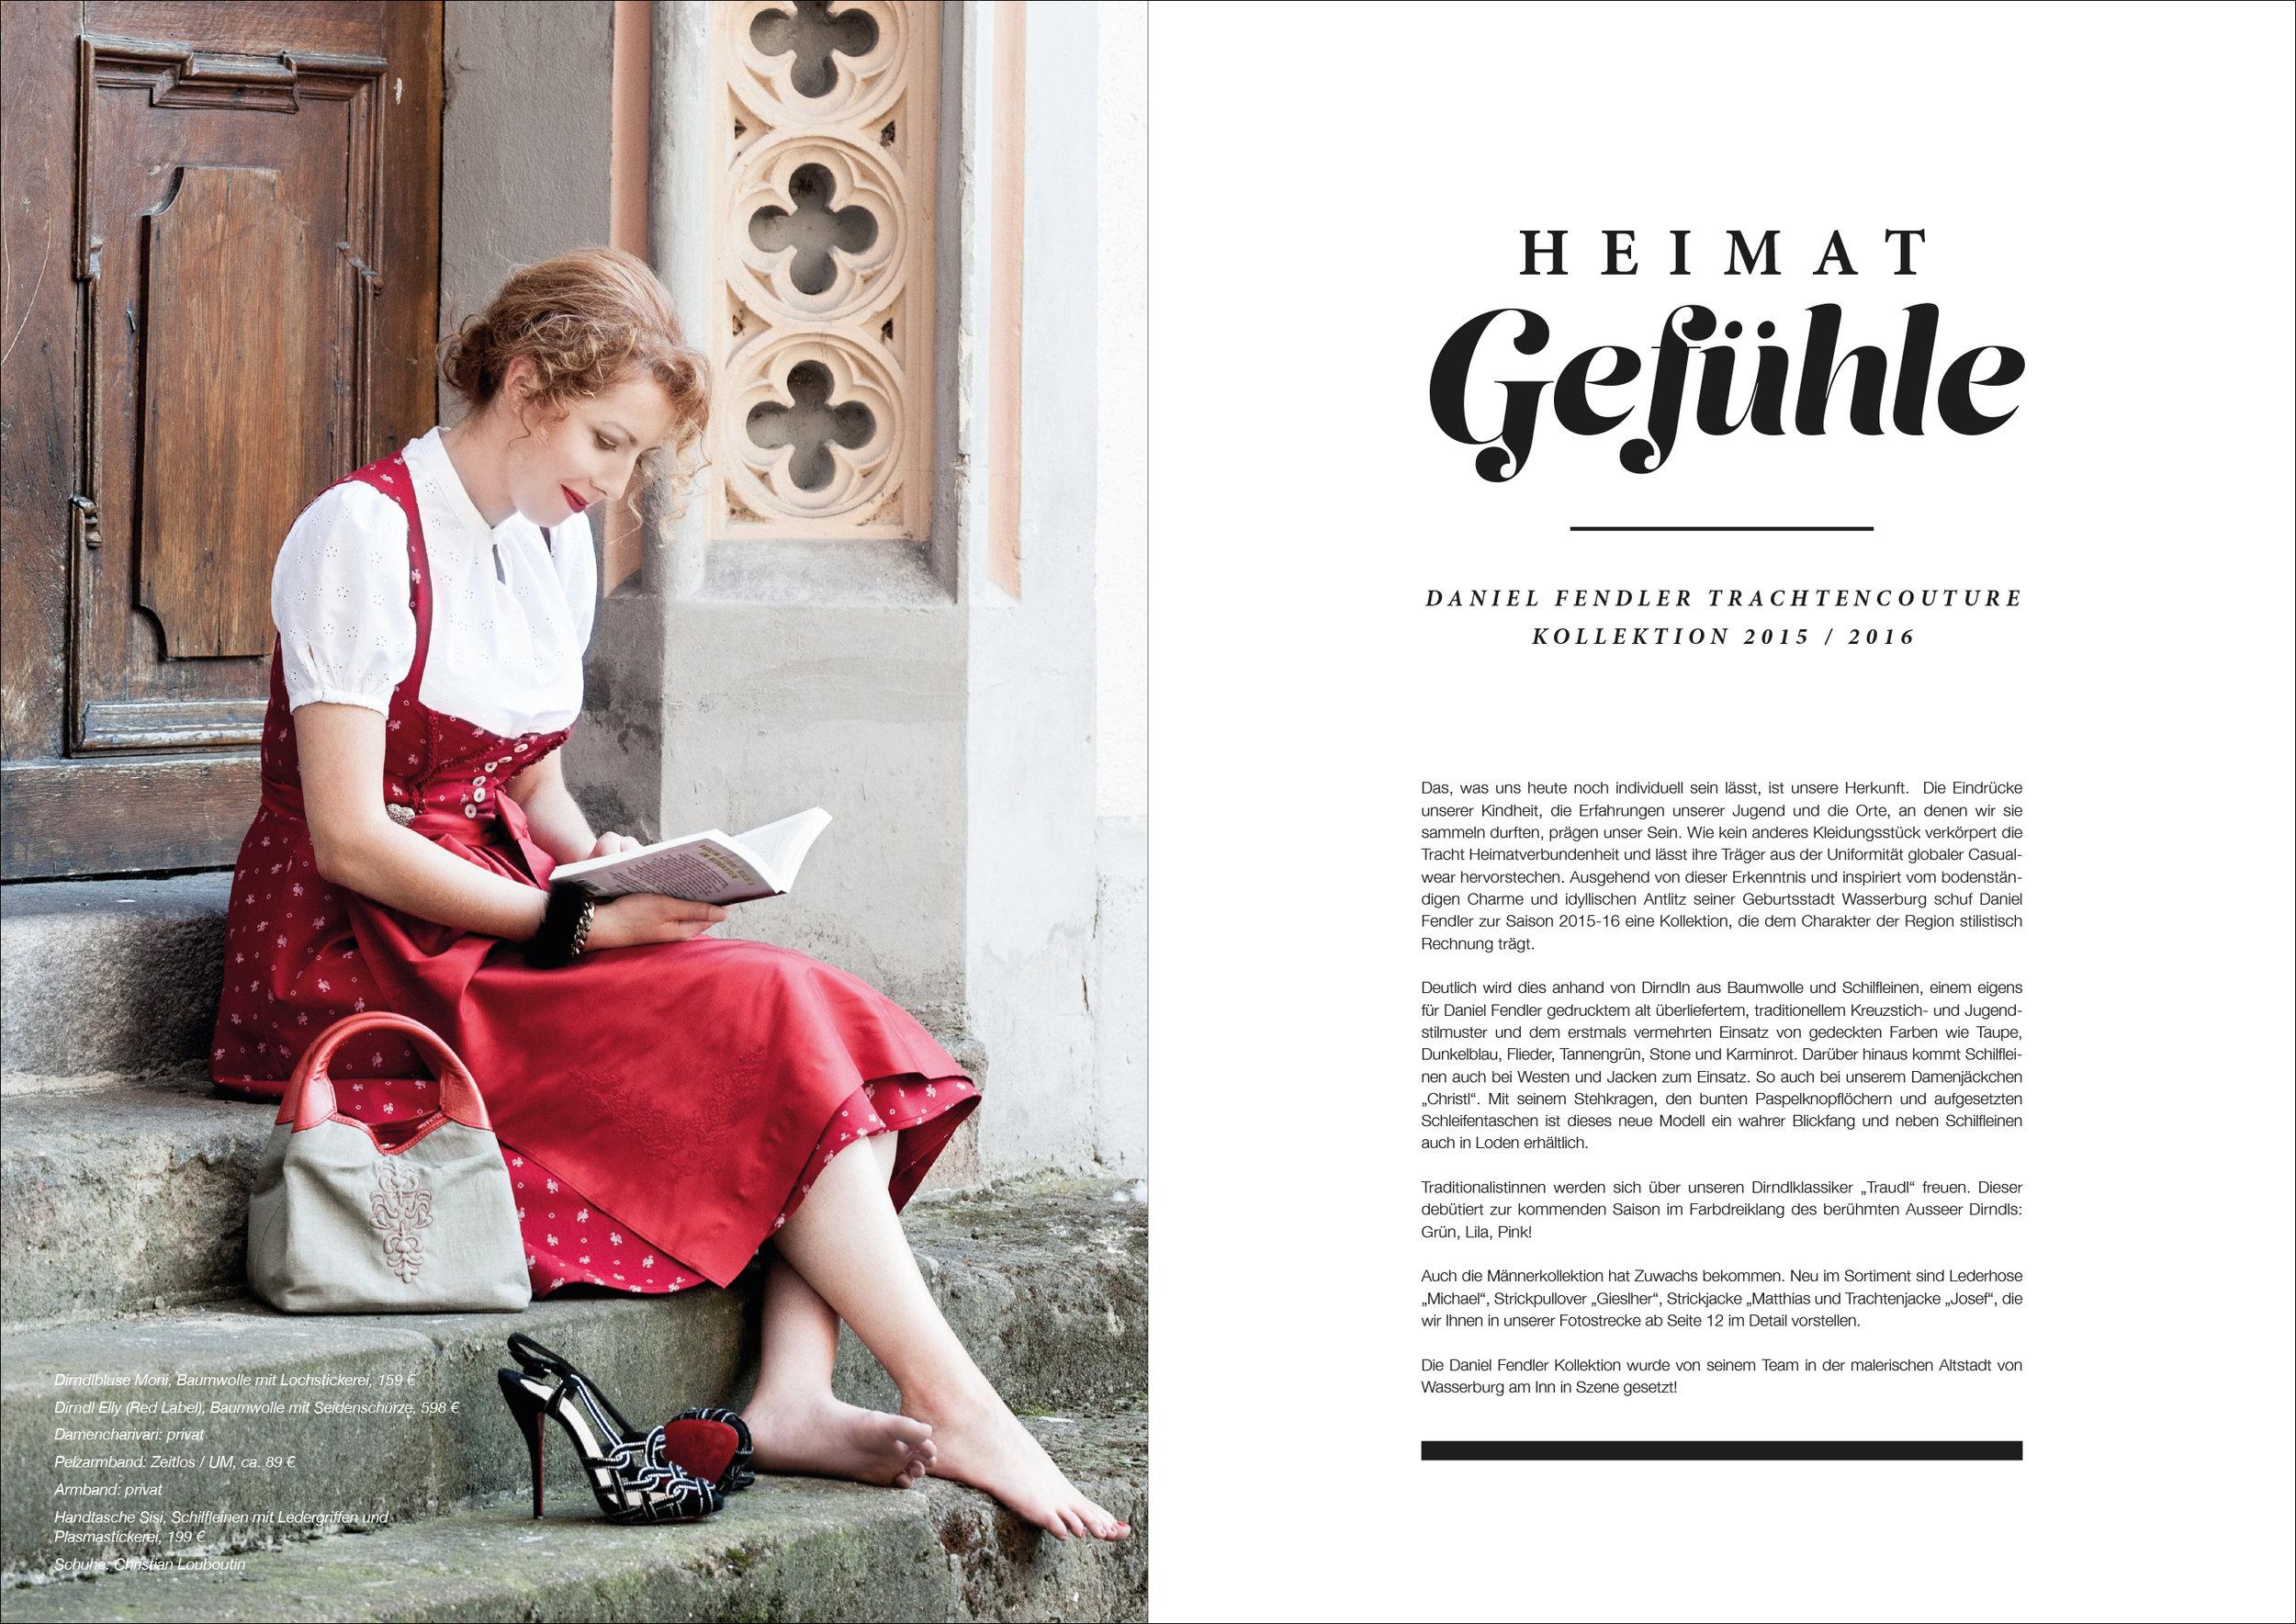 Das-Trachtenmagazin-3-Collection.jpg